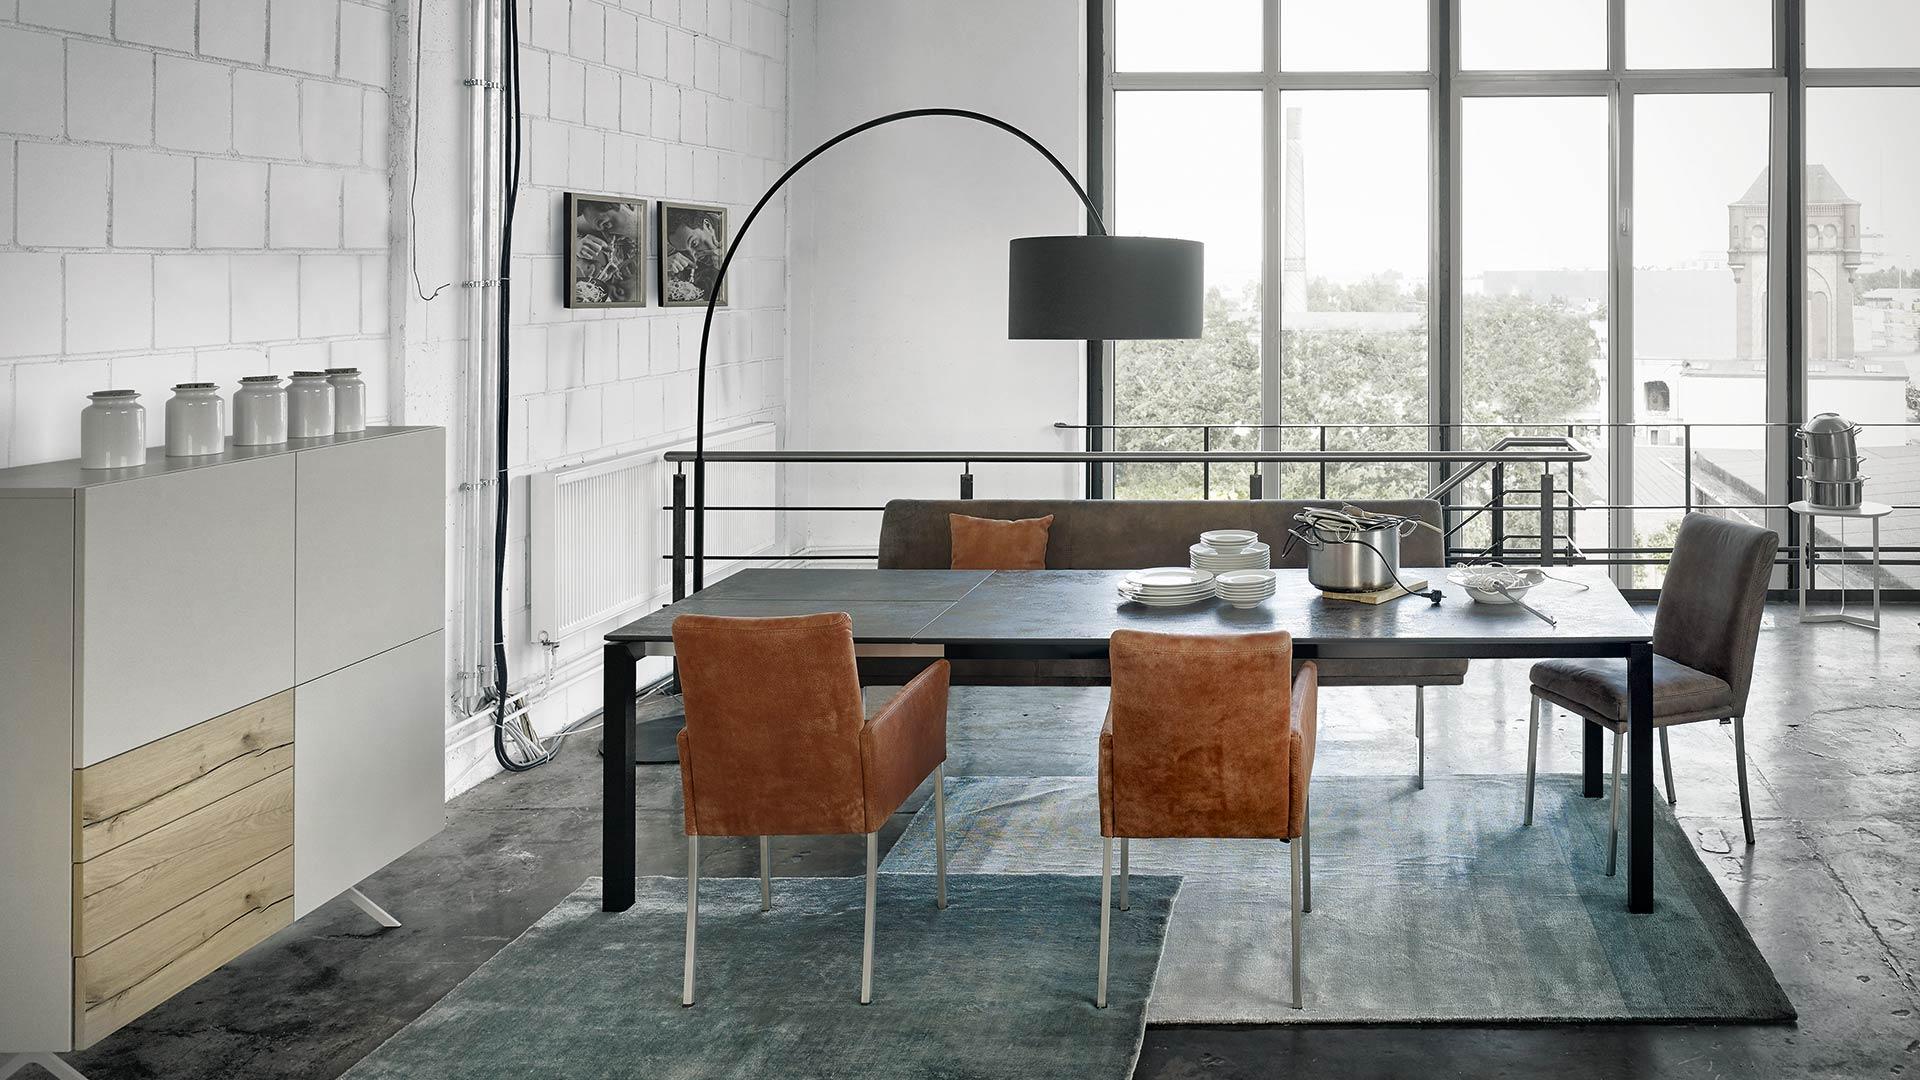 Möbel Landshut designermöbel möbel in mallersdorf möbel klingl landshut